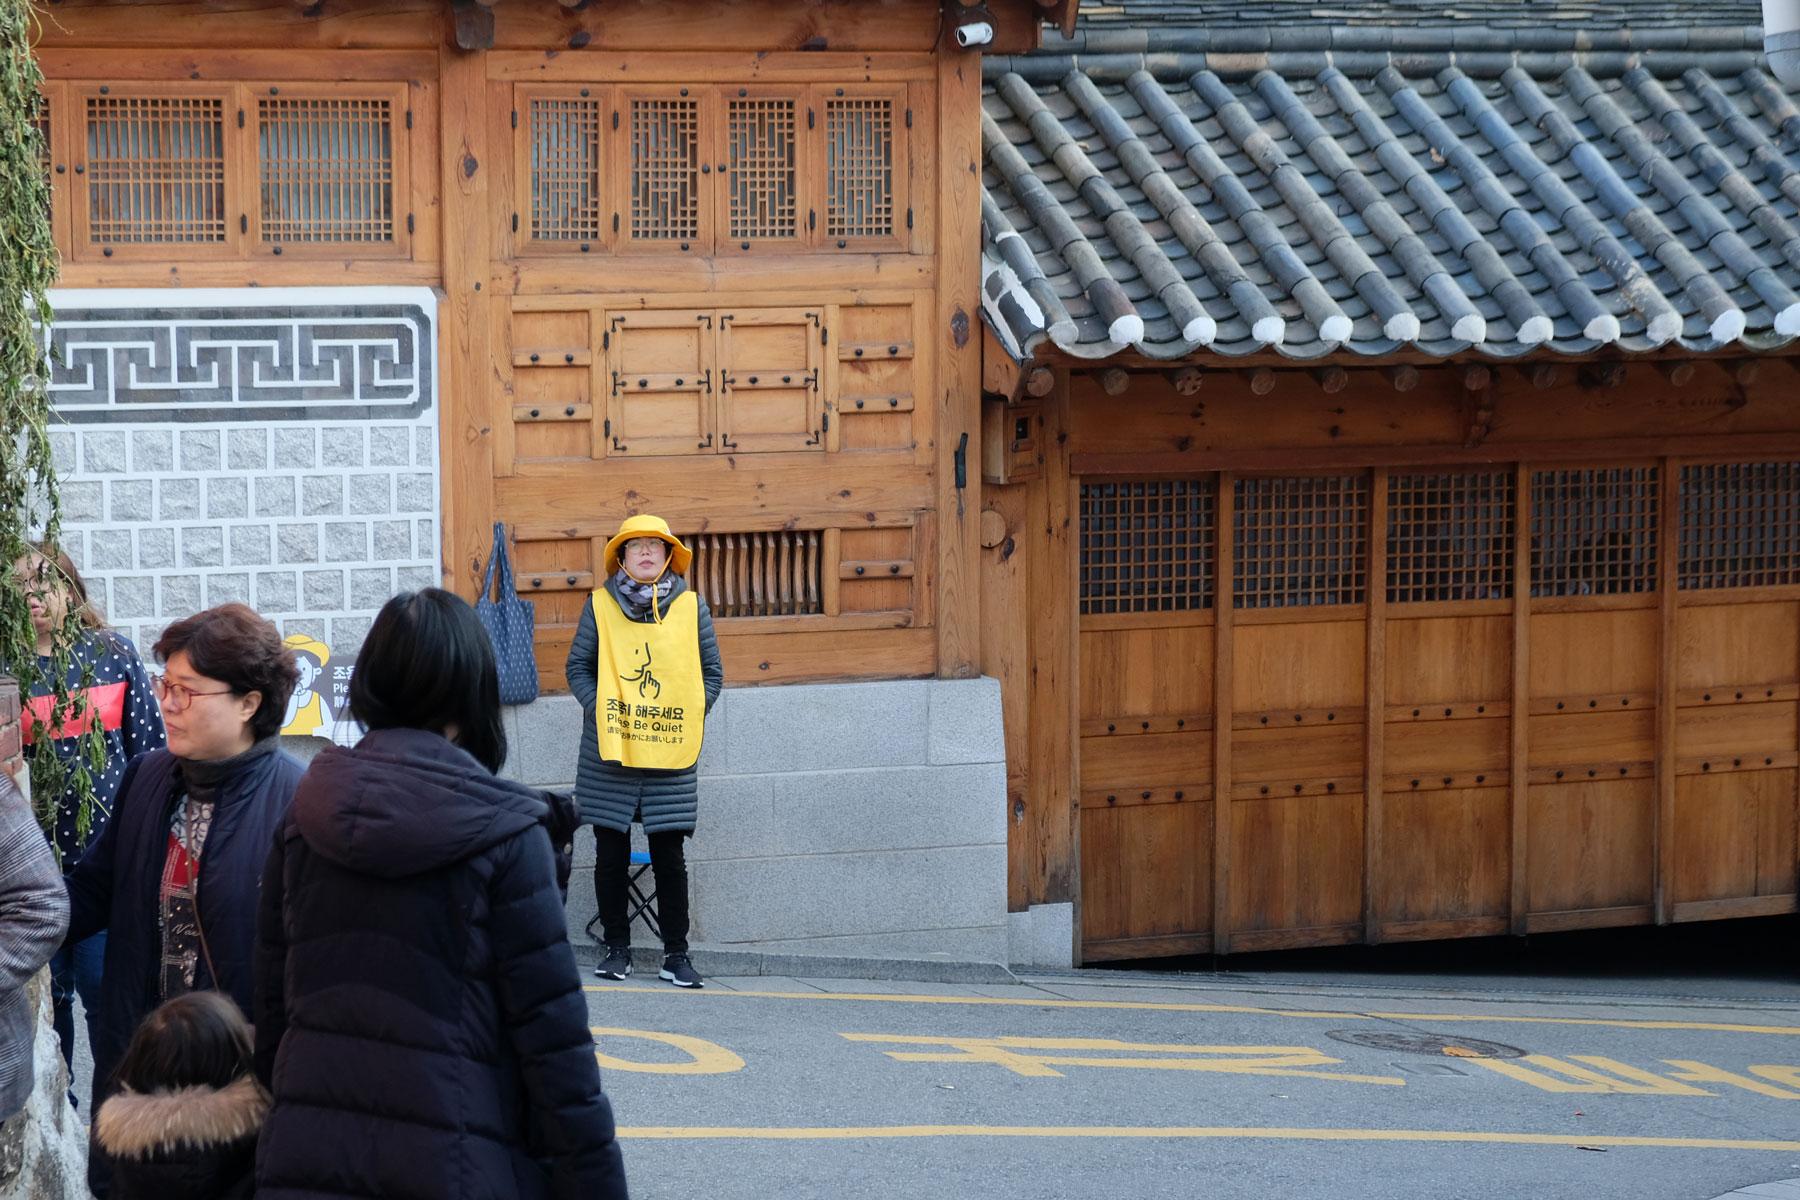 """Eine Aufpasserin trägt eine Weste mit der Aufschrift """"Please be quite!"""" im Bukchon Hanok Village in Seoul, Südkorea."""